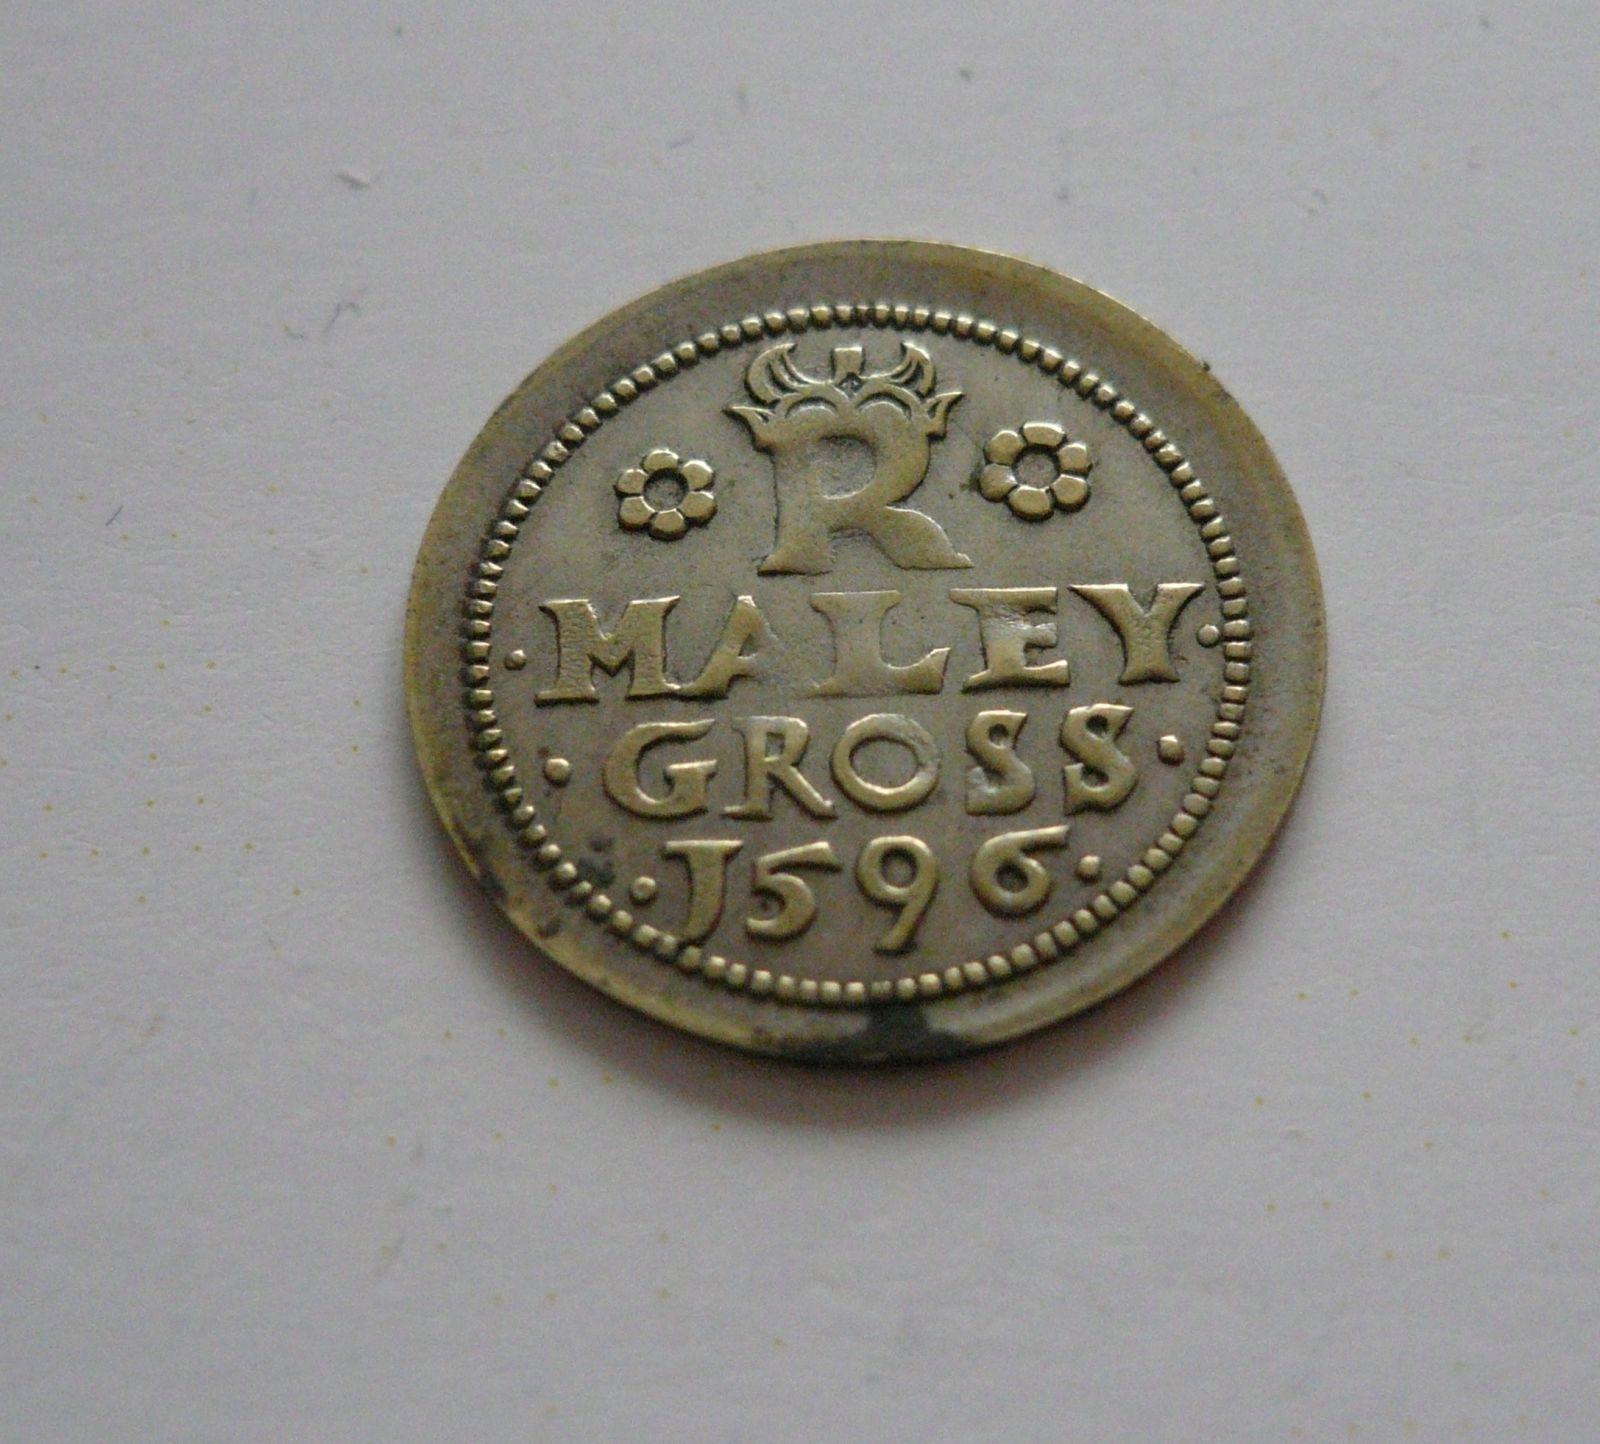 plaketa na malý groš z roku 1596, ? 18mm, ČR